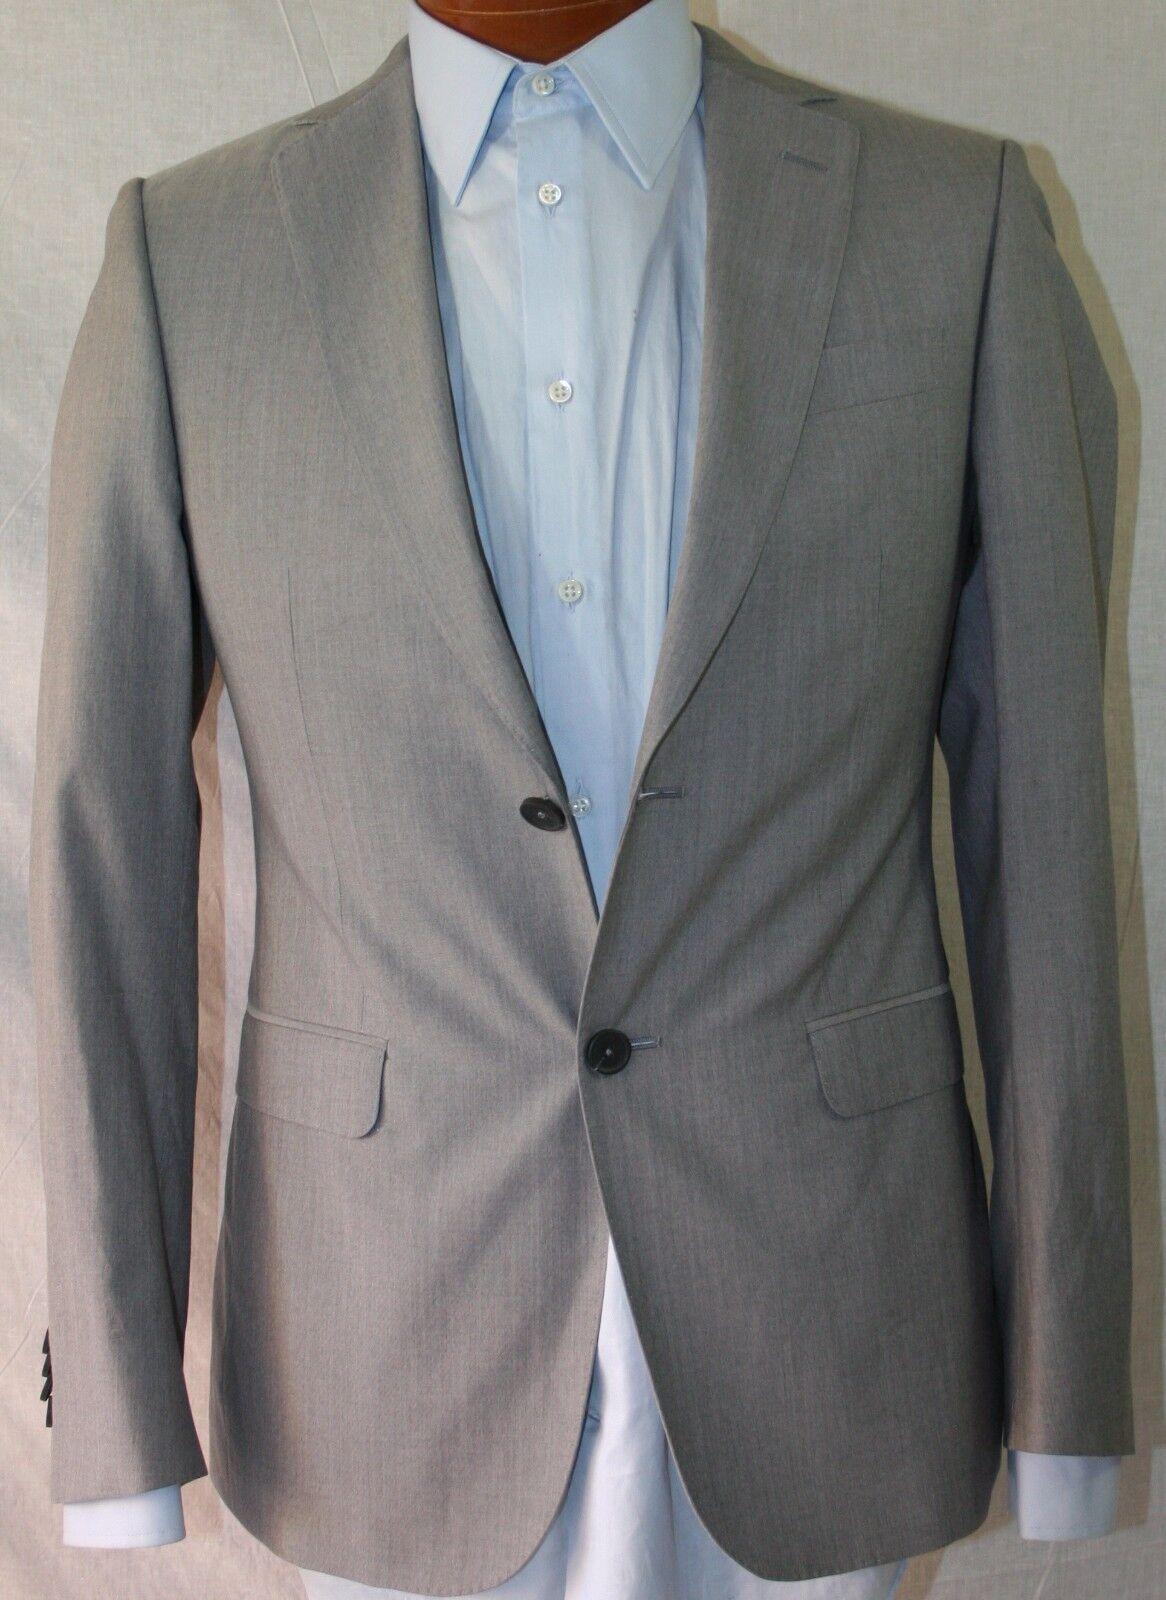 New Z Zegna Grau Cotton Blend 2-BT Suit 36R/W31 EU46R